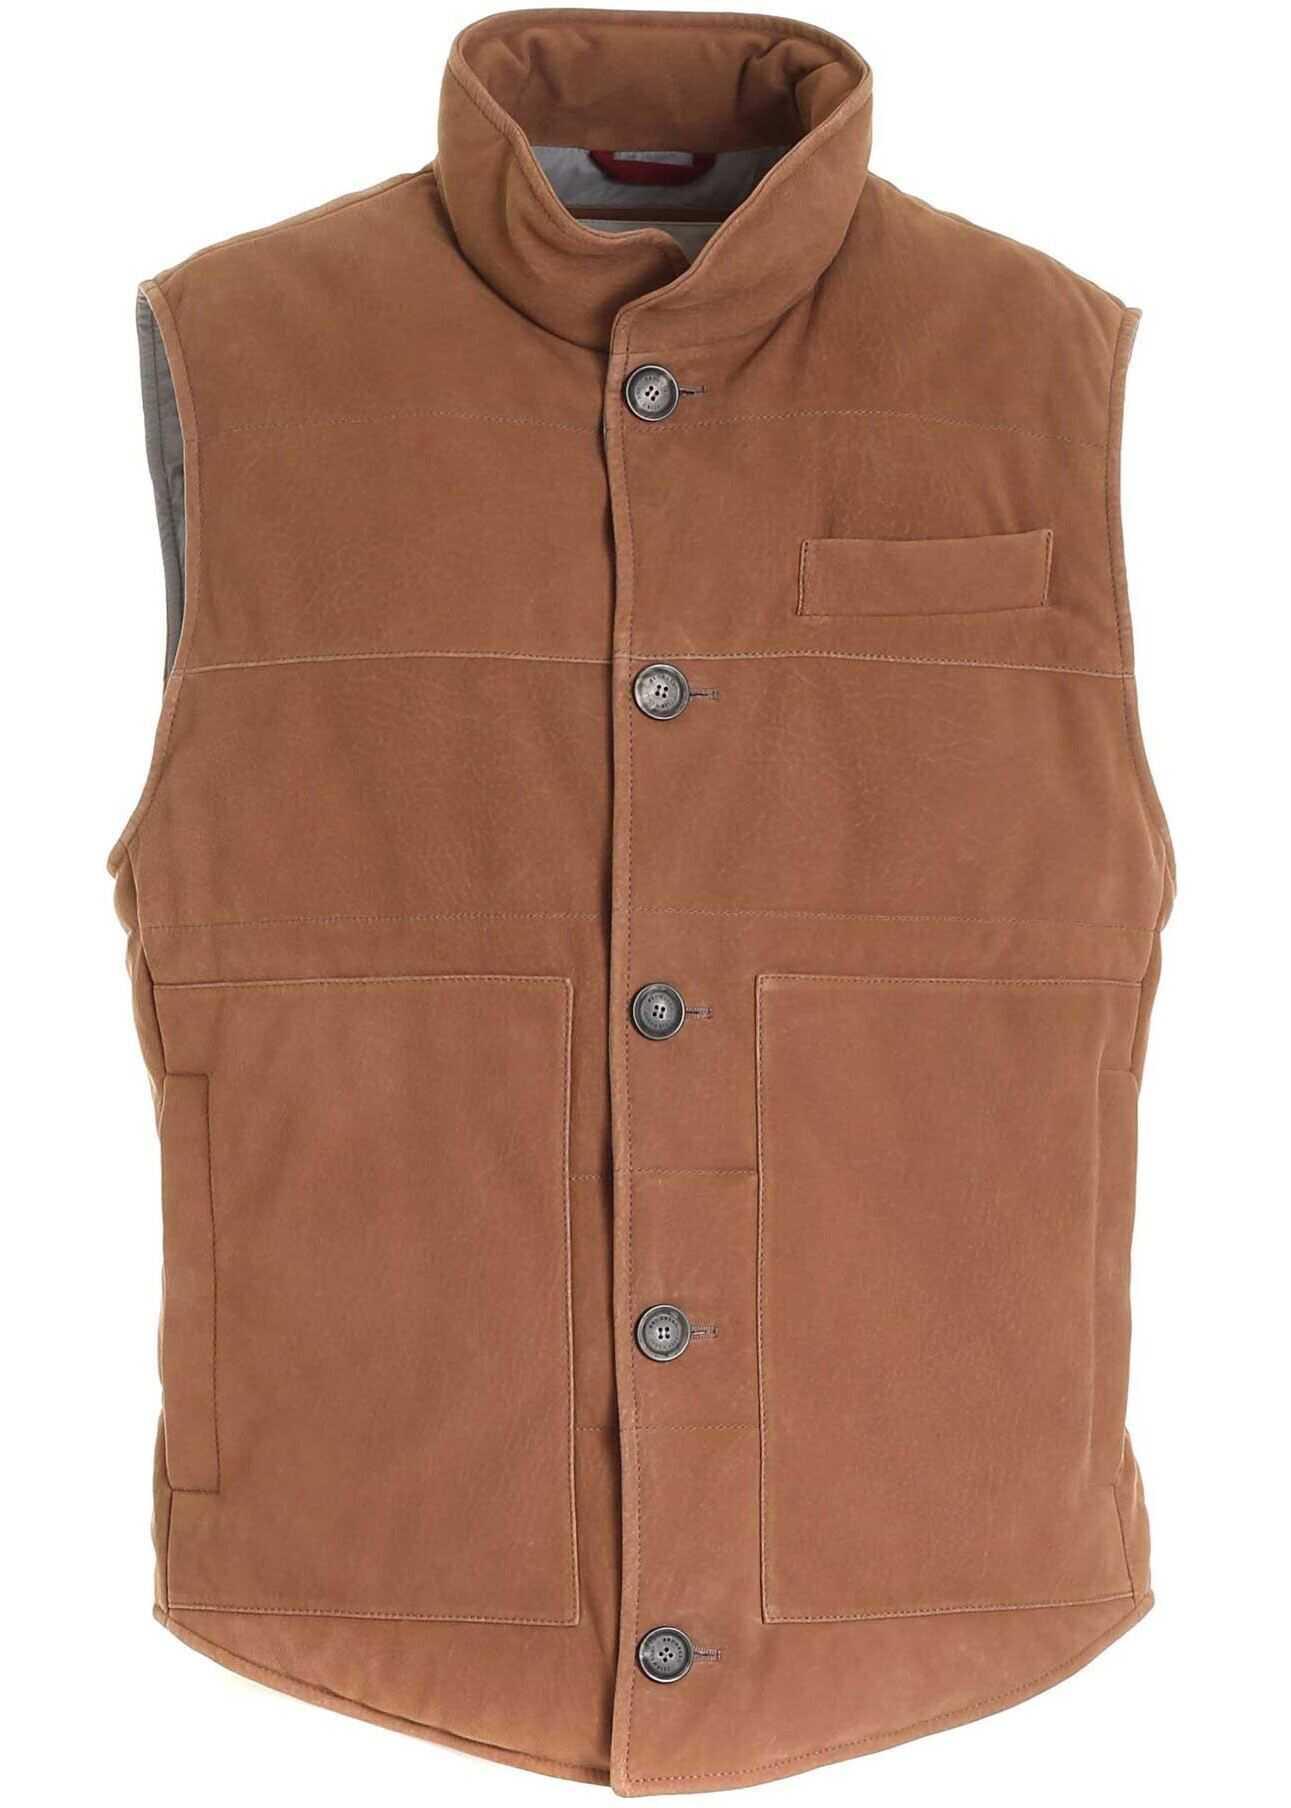 Brunello Cucinelli Pockets Vest In Brown Brown imagine